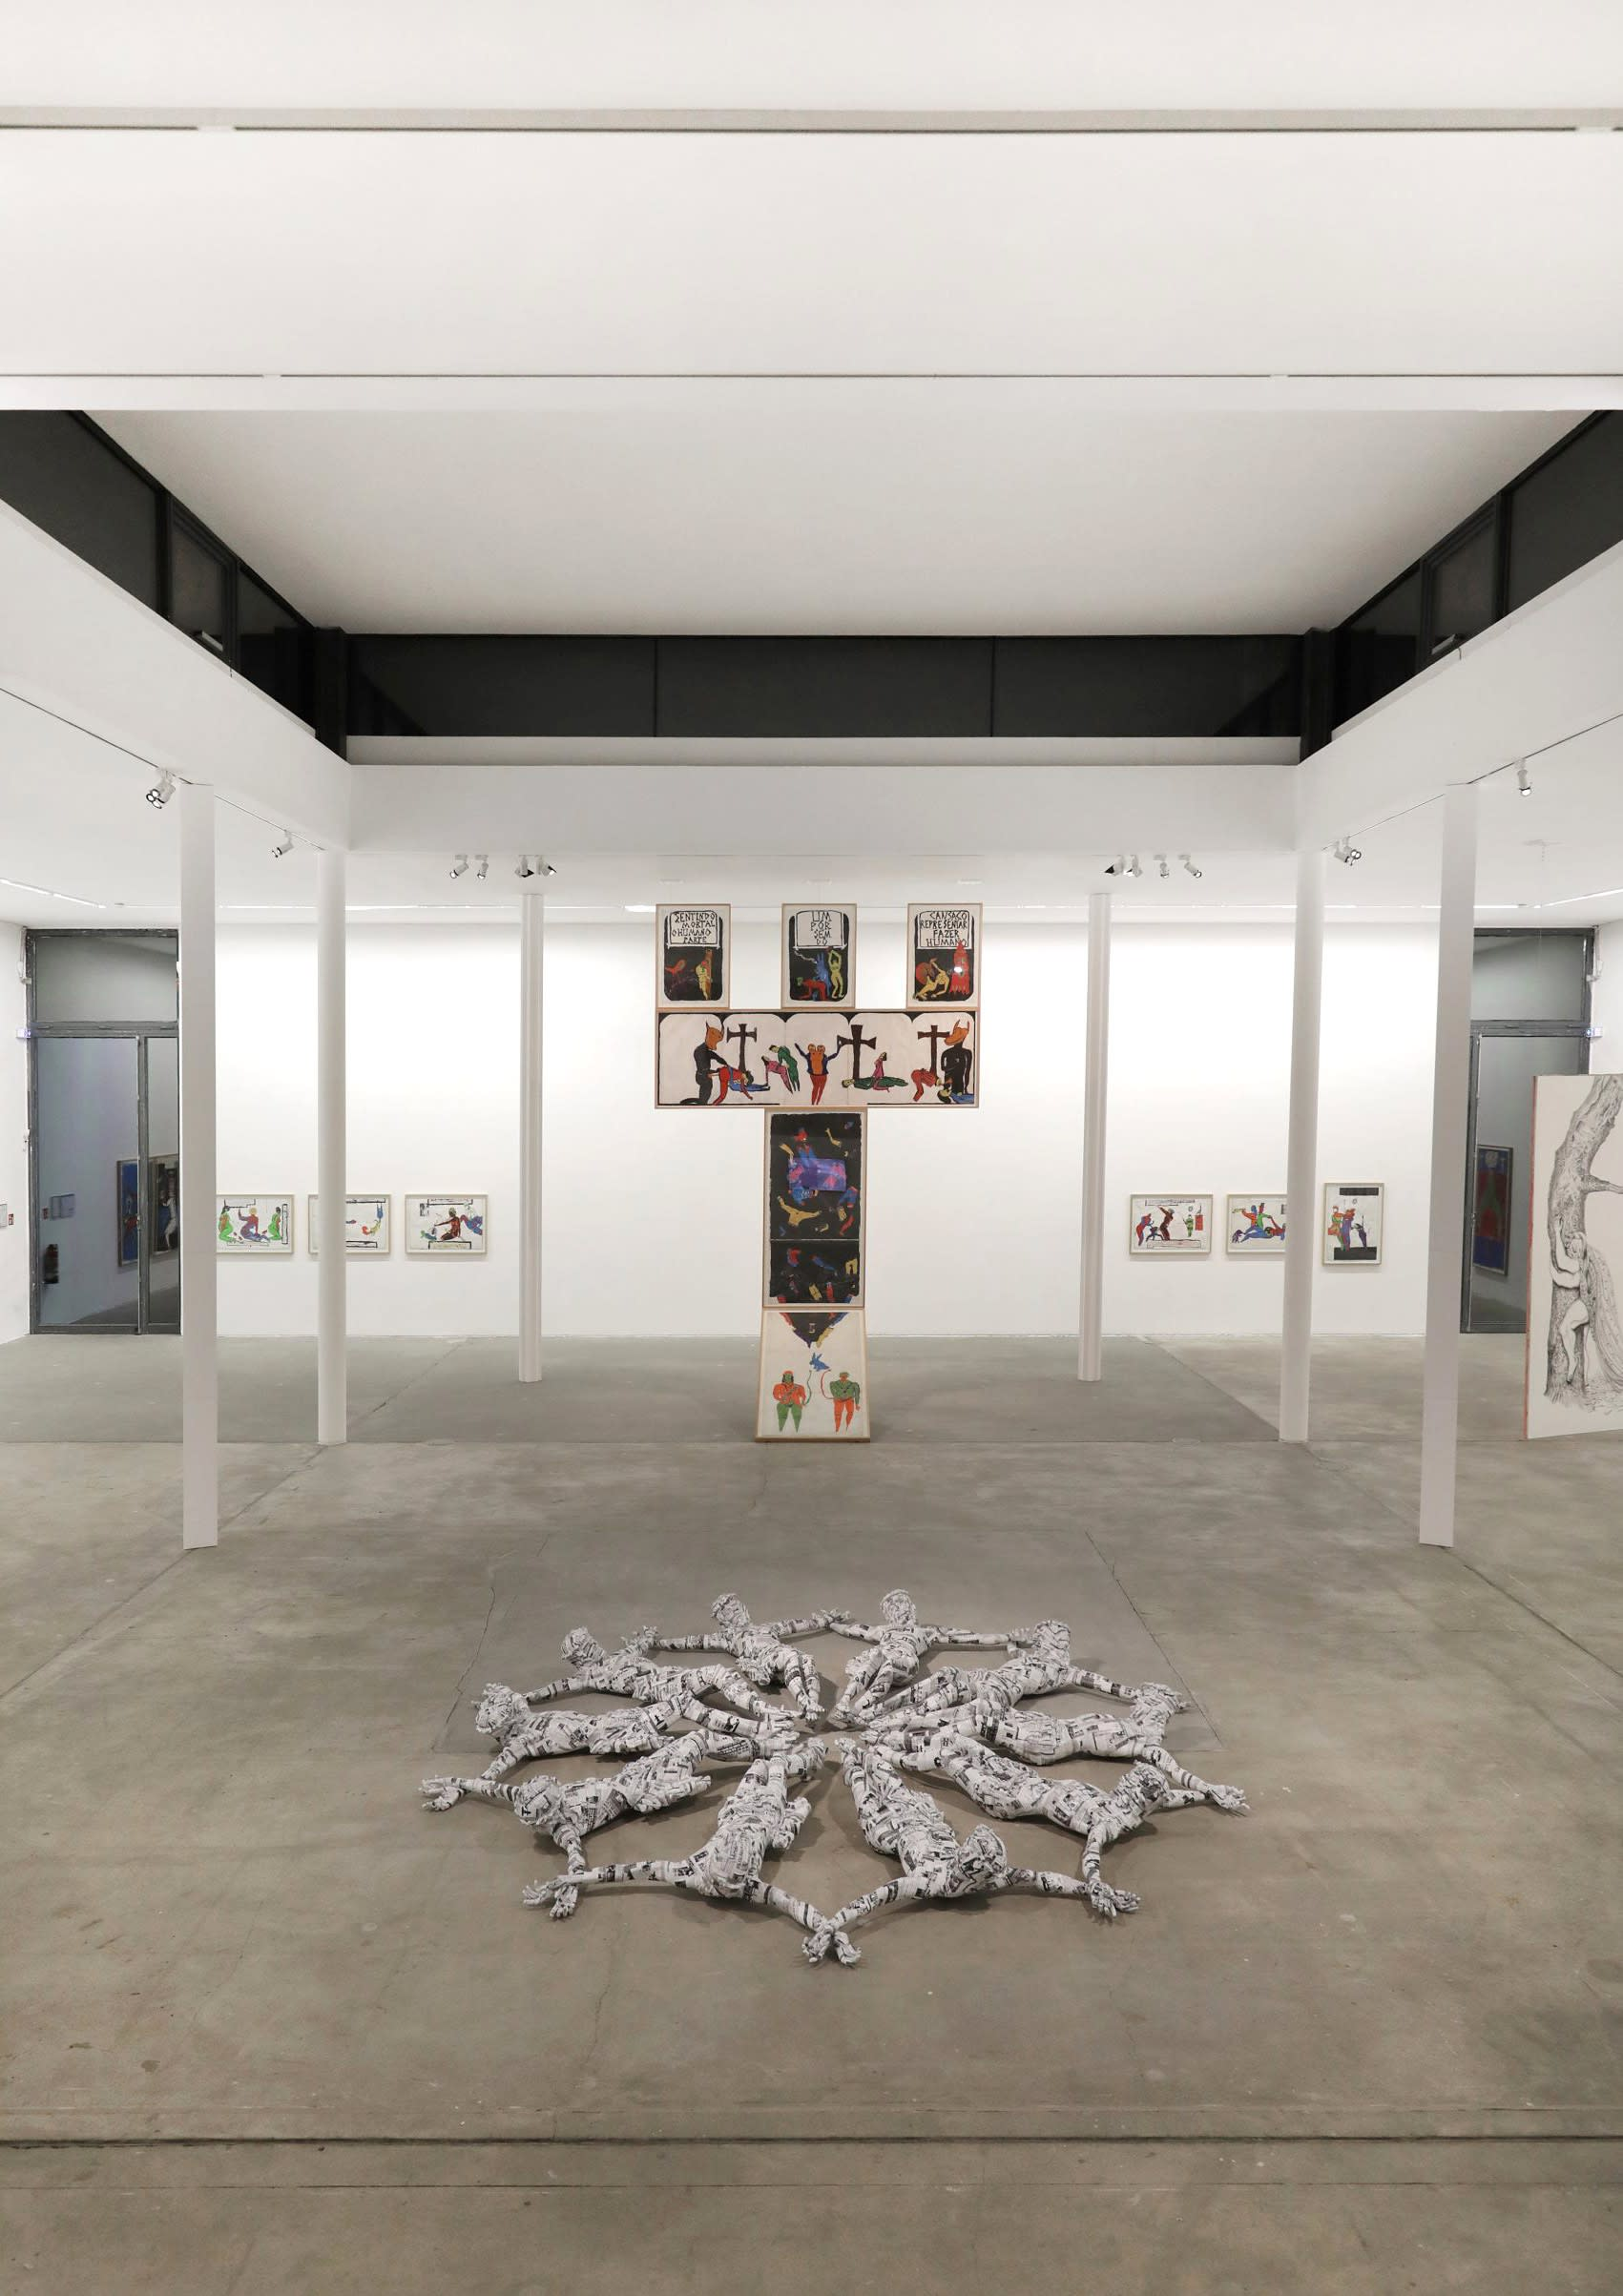 pedro moraleida bernardes, artist, installation view,